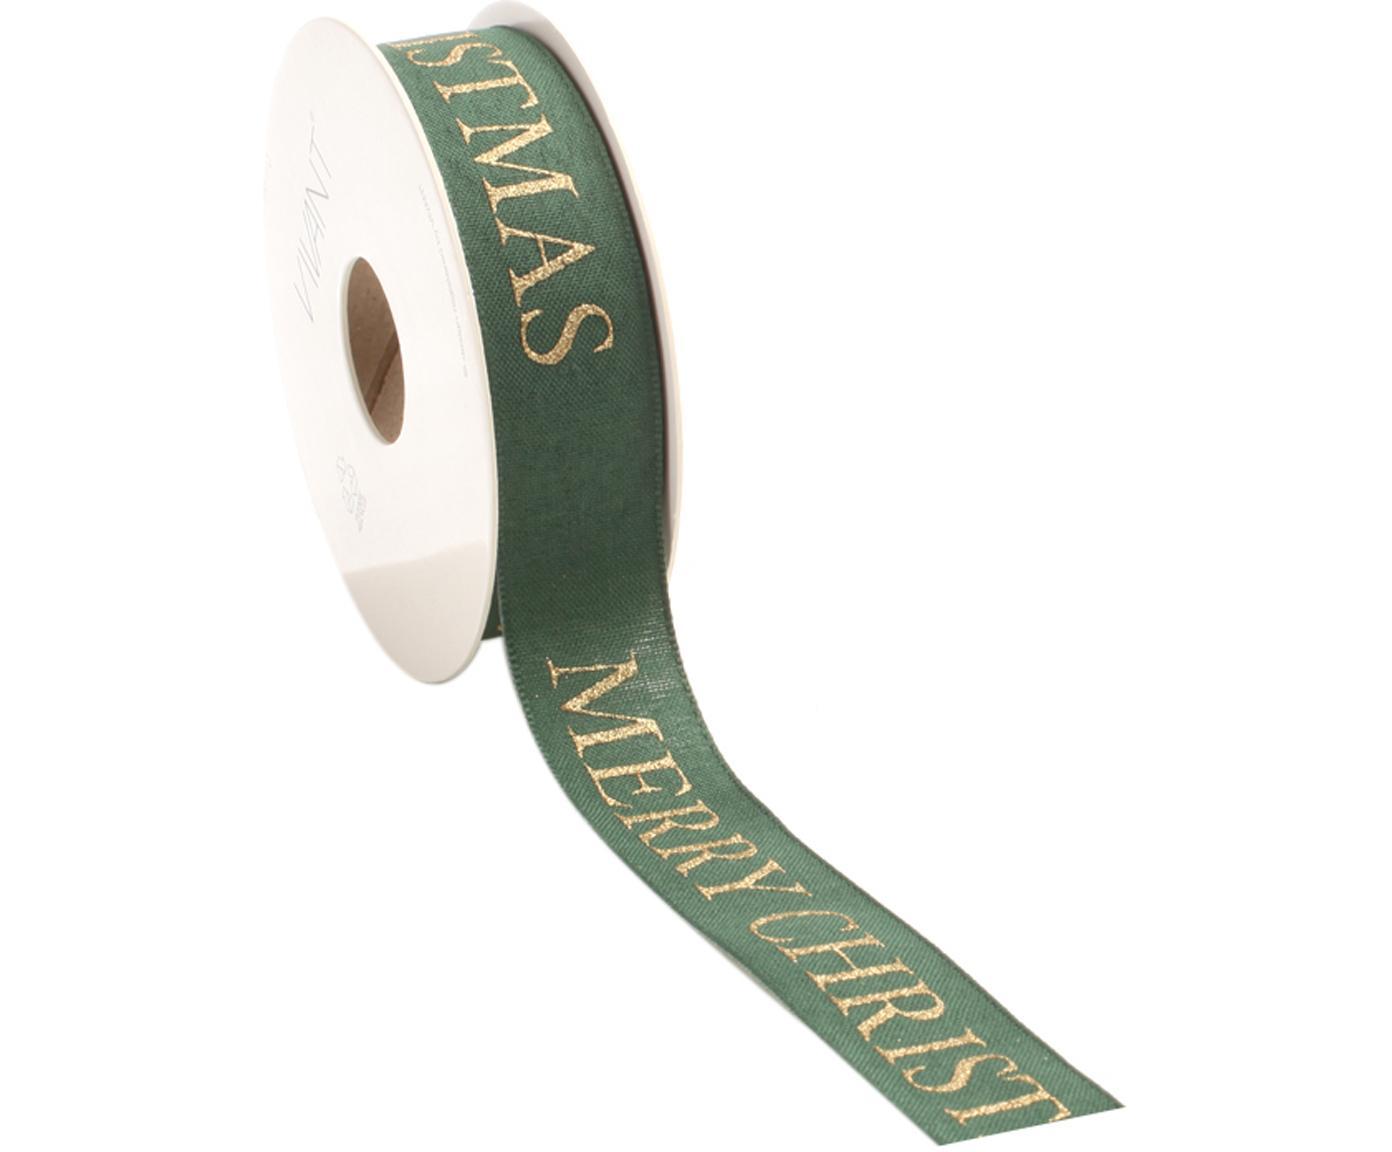 Wstążka prezentowa Textire, Poliester, Zielony, odcienie złotego, S 3 x D 1500 cm